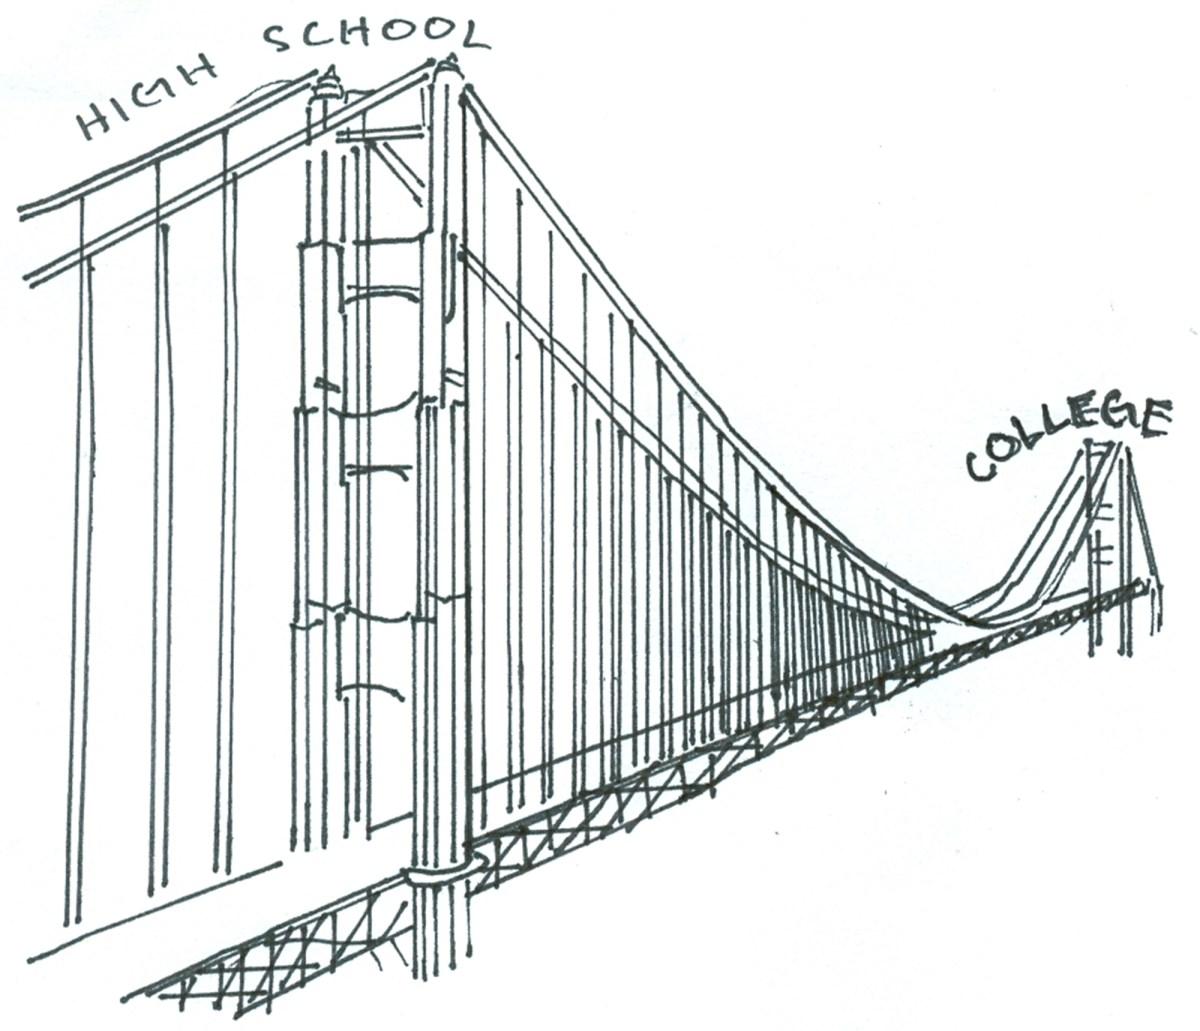 CVHS Puente program